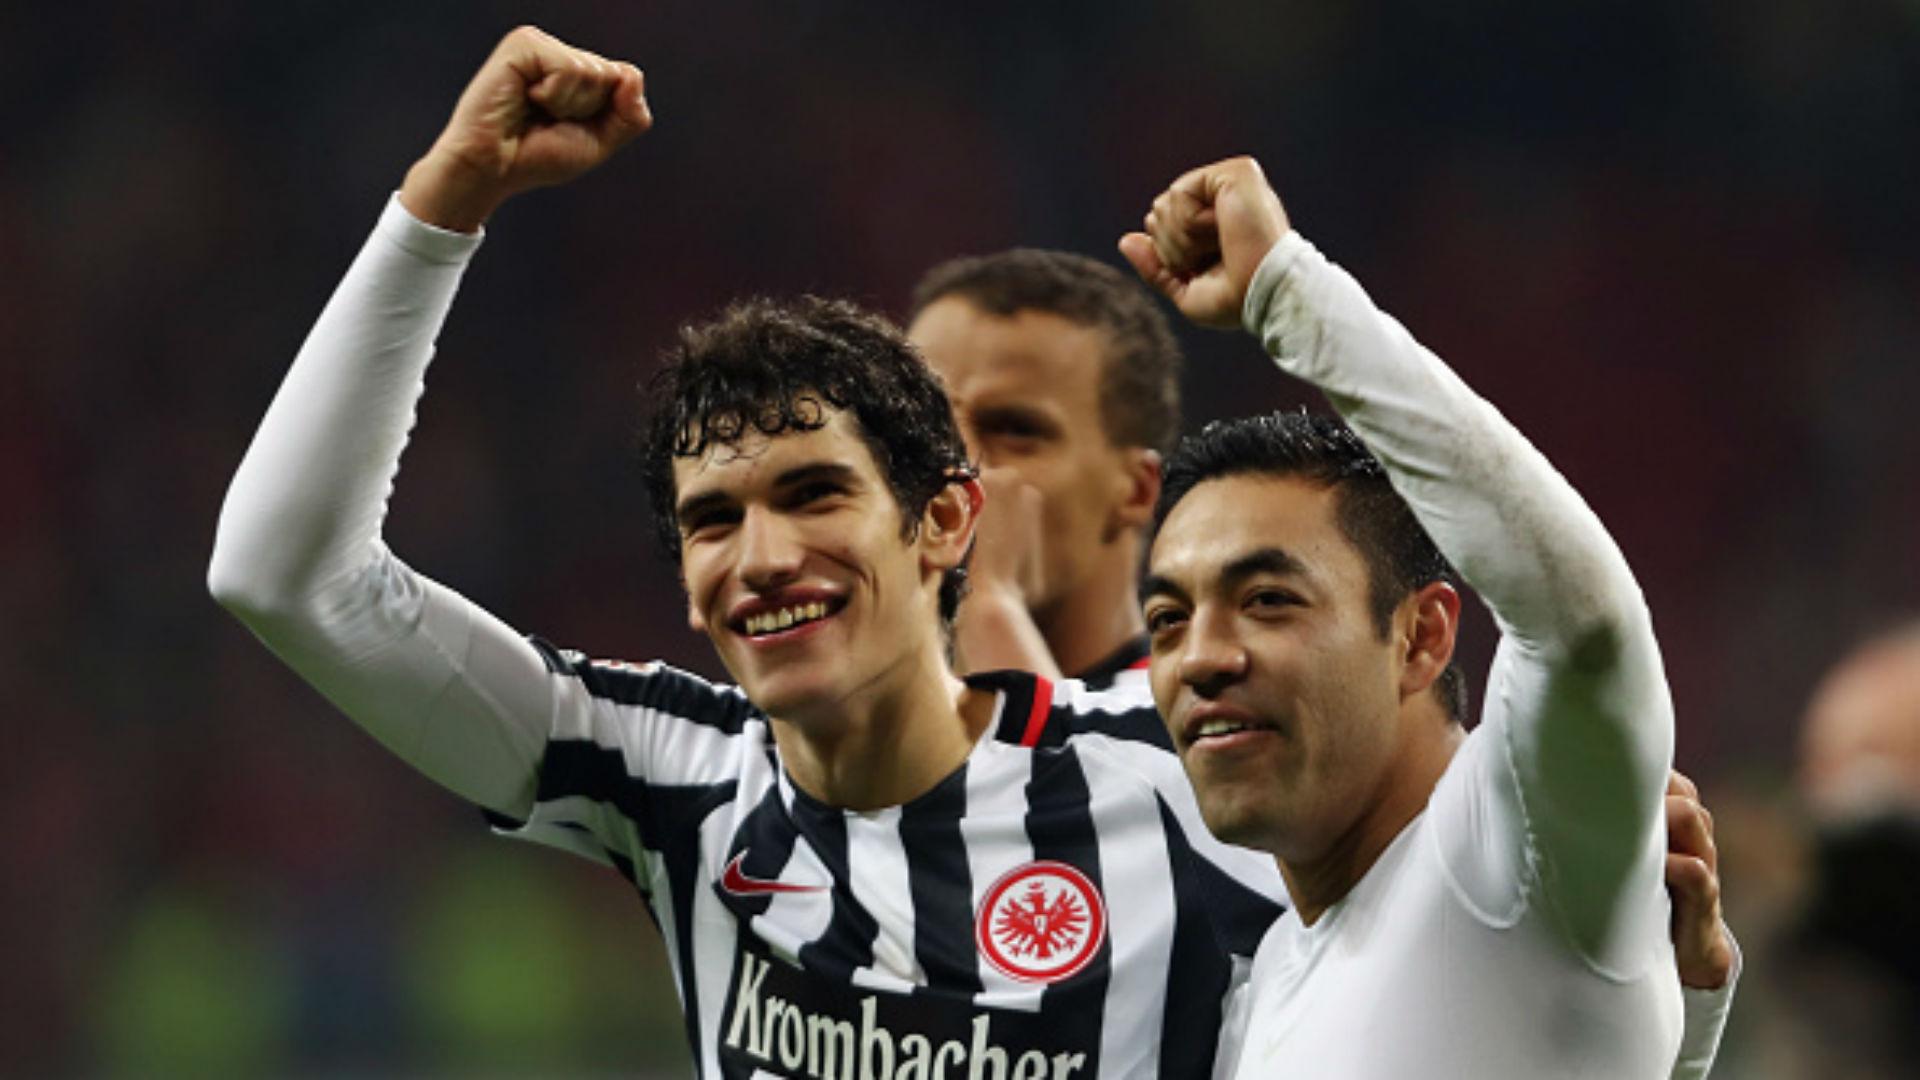 Sin mucho brillo Fabián en el triunfo del Frankfurt (2-1)